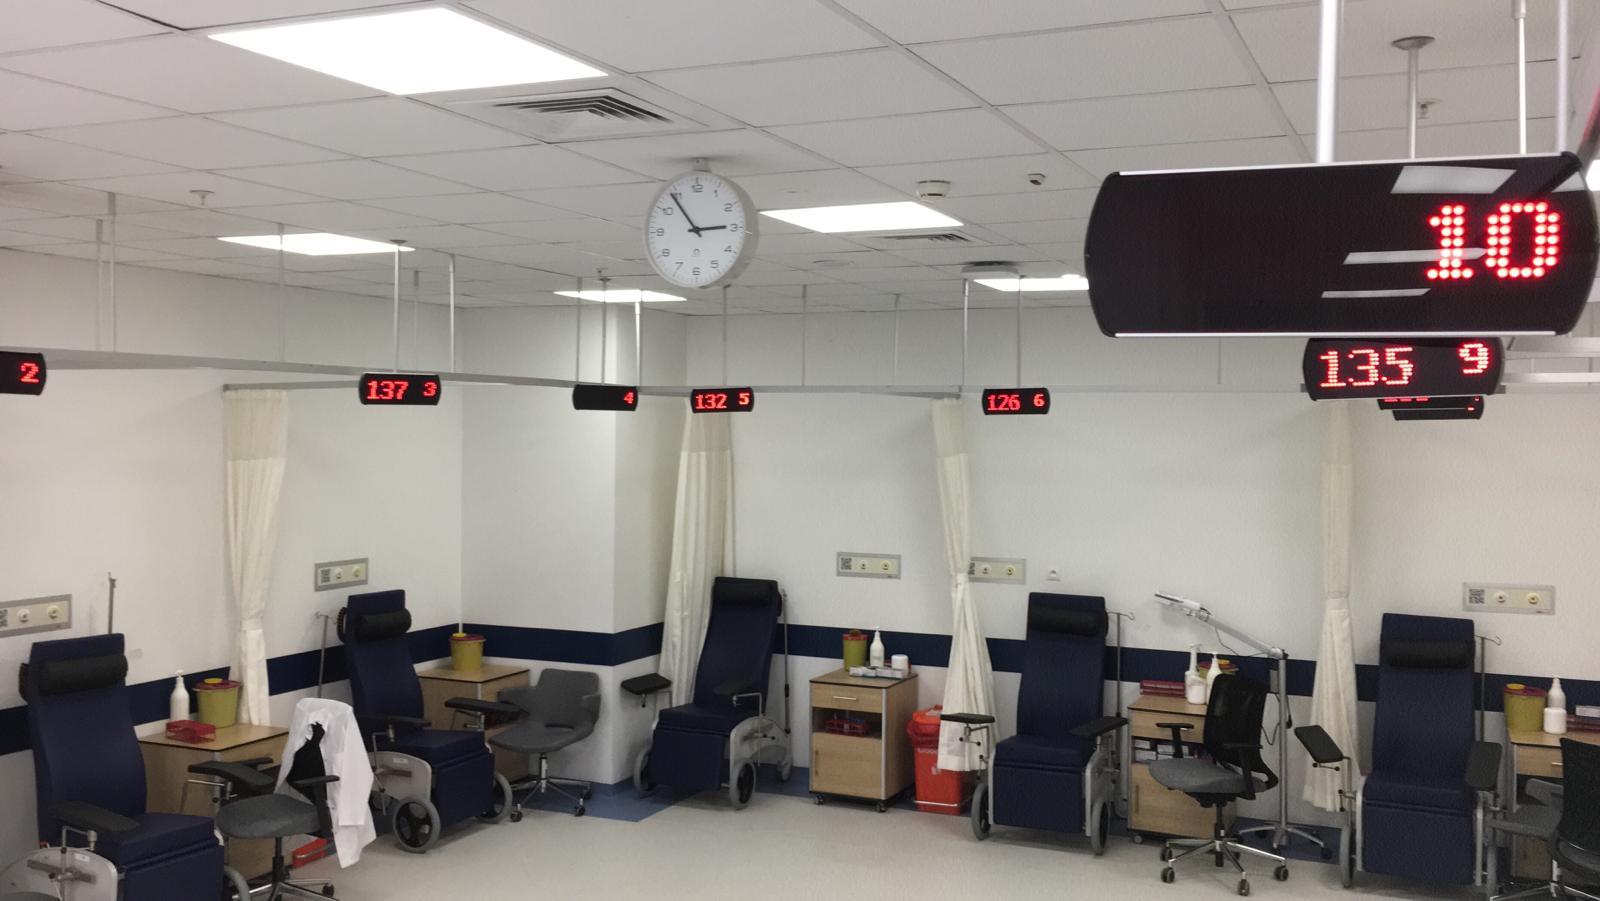 şehir hastanesi kan alma sıramatik ekran